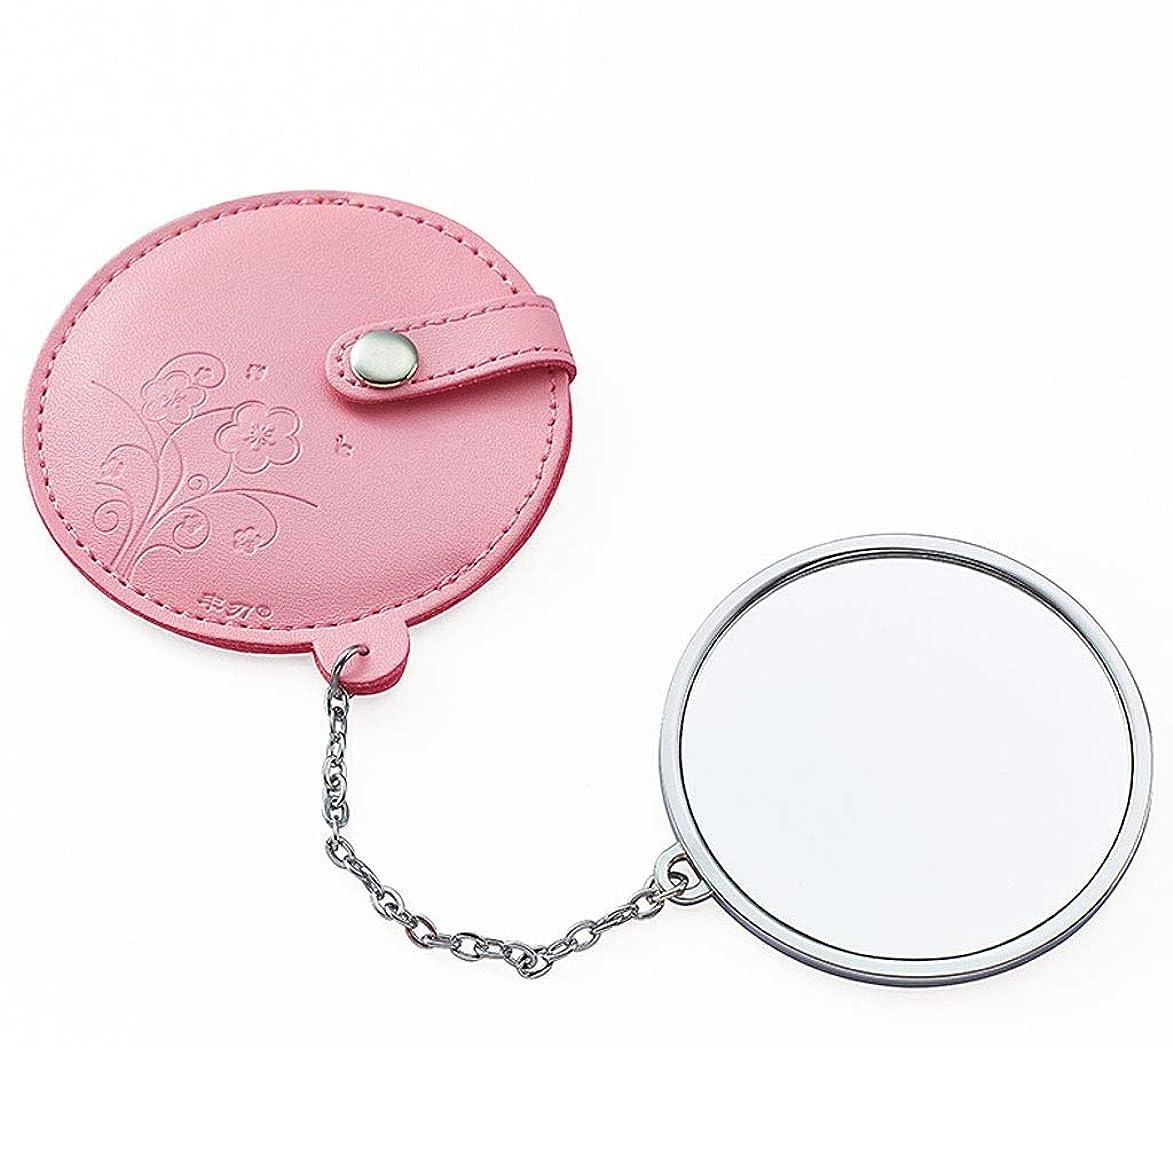 トランクライブラリ政治家の俳優ONOJT 化粧鏡- 携帯用化粧鏡女性の小さな鏡を持って小さな円形鏡の手持ち型の化粧鏡 (Color : Pink, Size : 7.8cm)